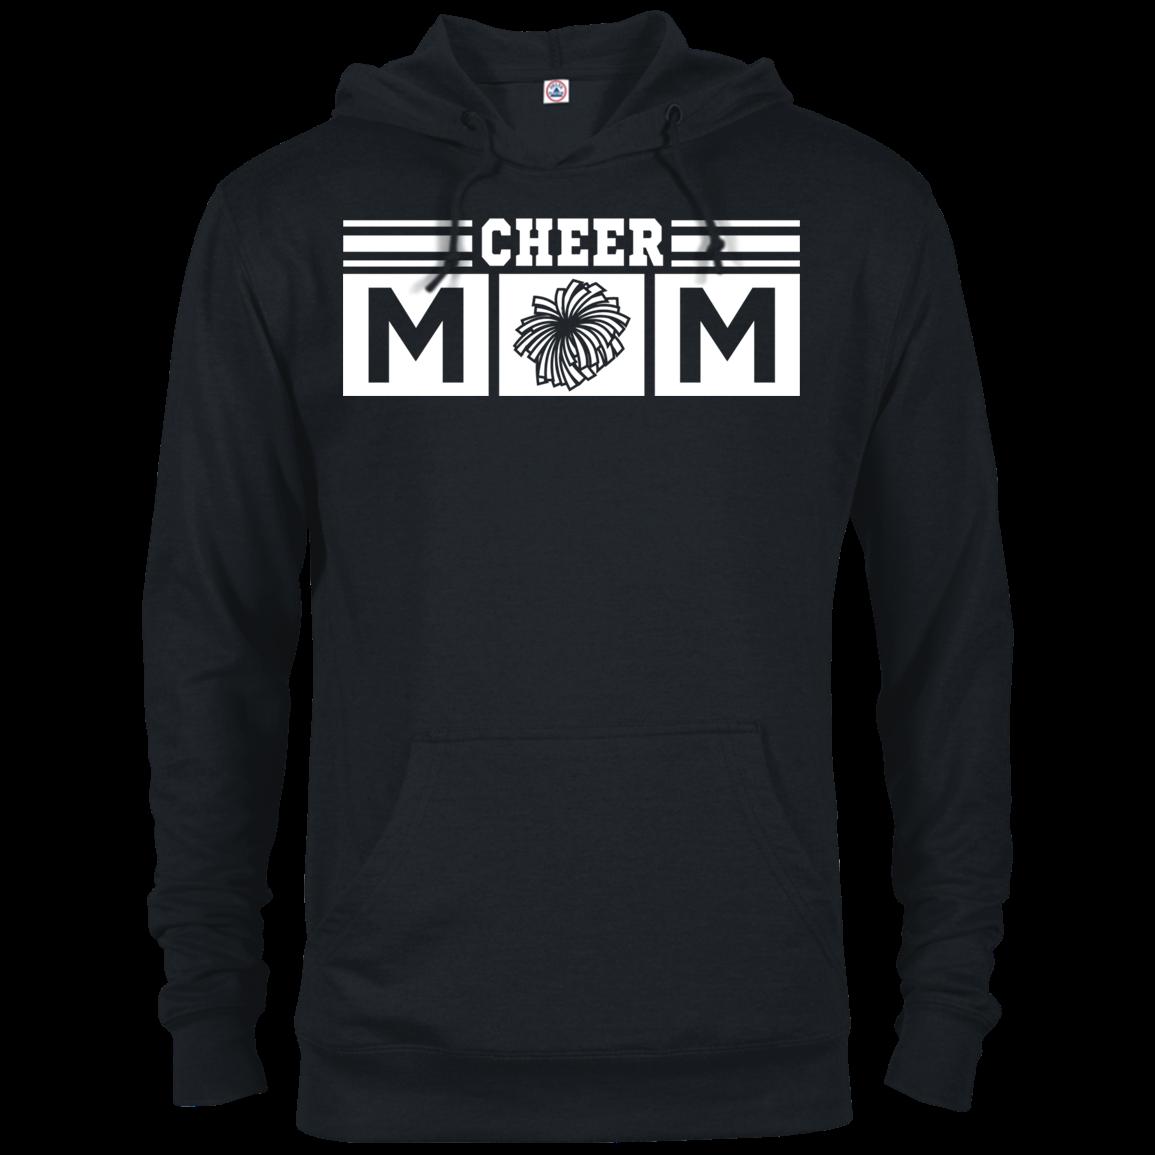 Cheer Mom Hoodie Sweatshirt